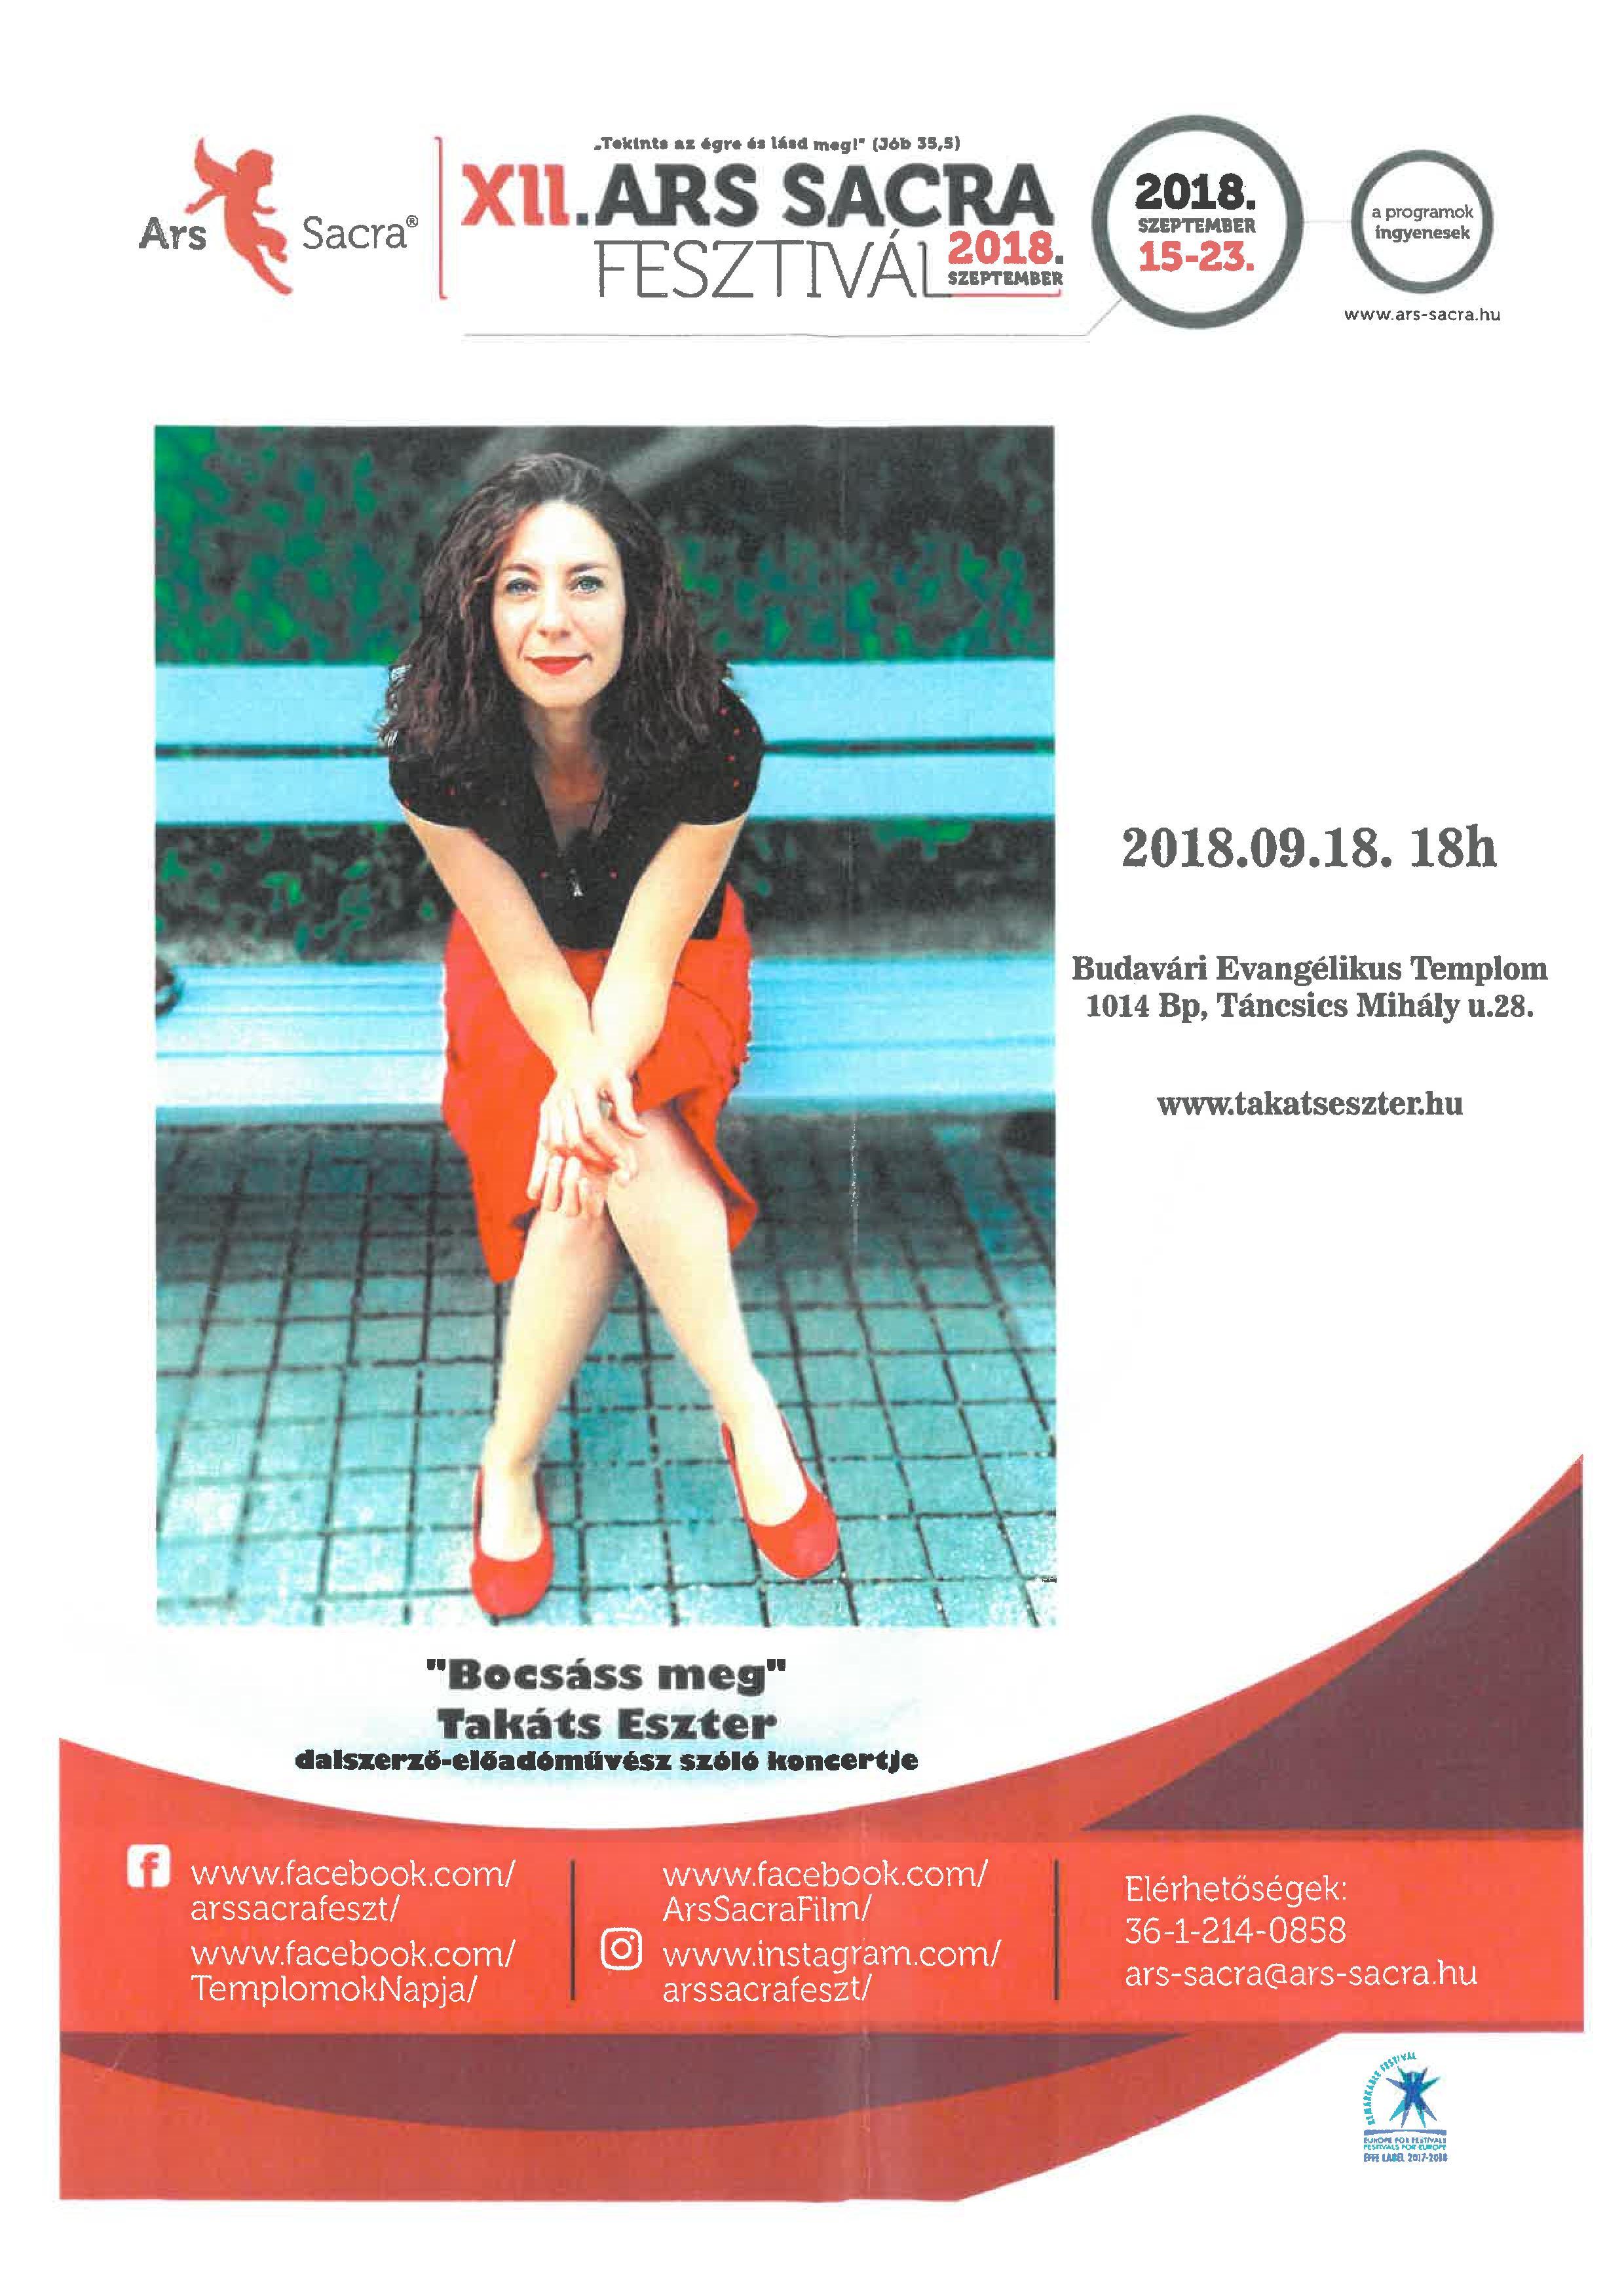 SKM_C22718091212201-page-002.jpg